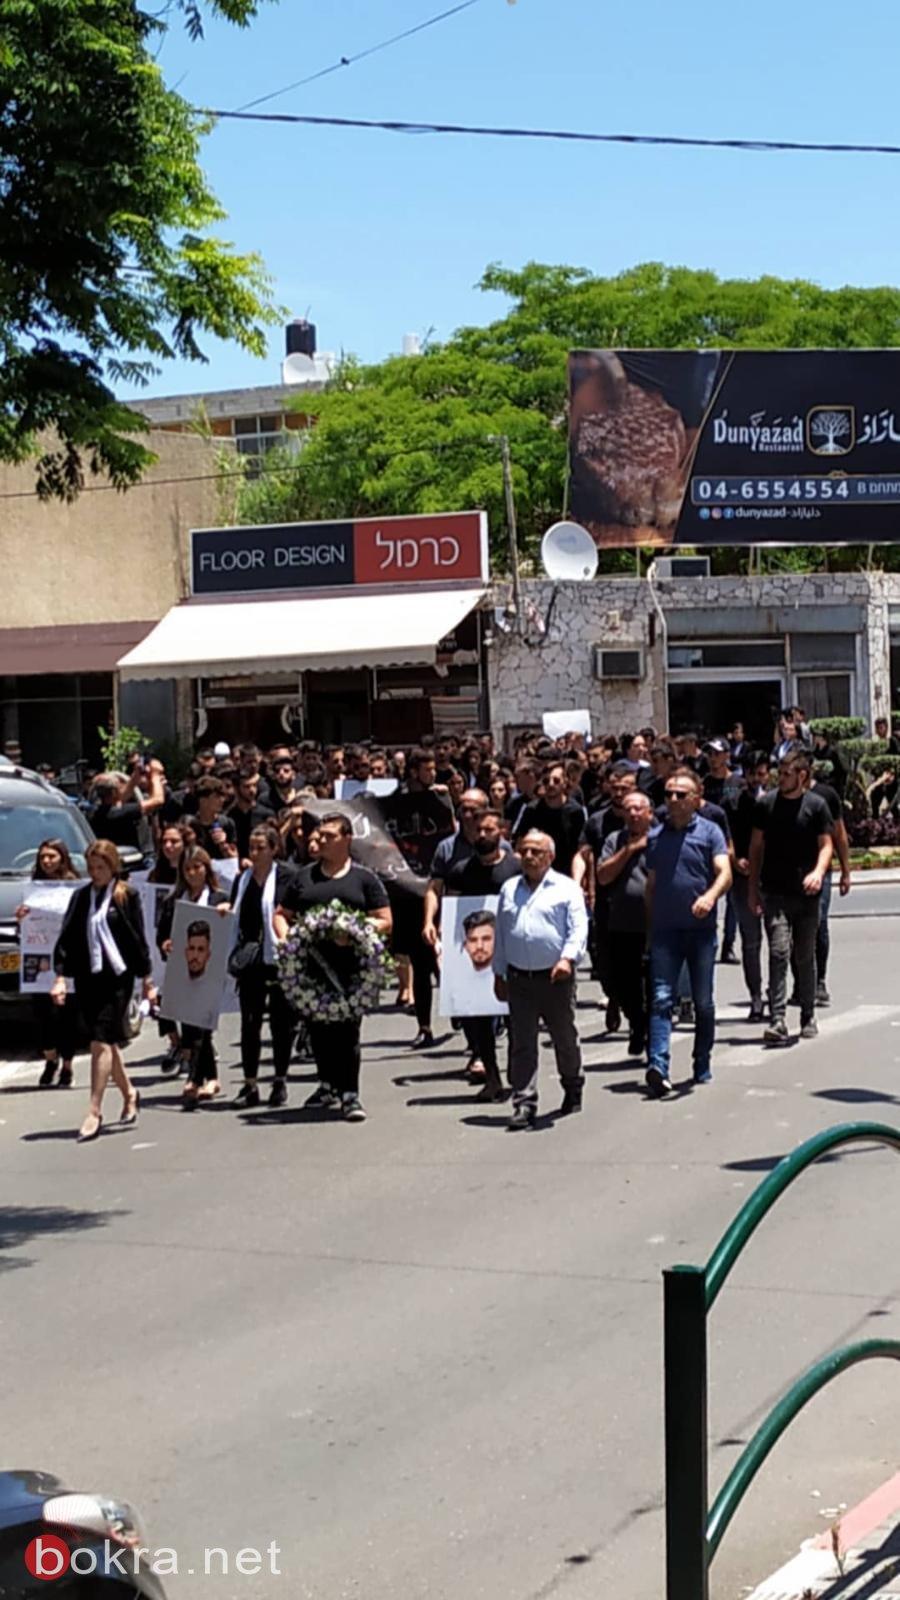 دالية الكرمل تشيّع الشاب دانيال حلبي وسط أجواء حزينة